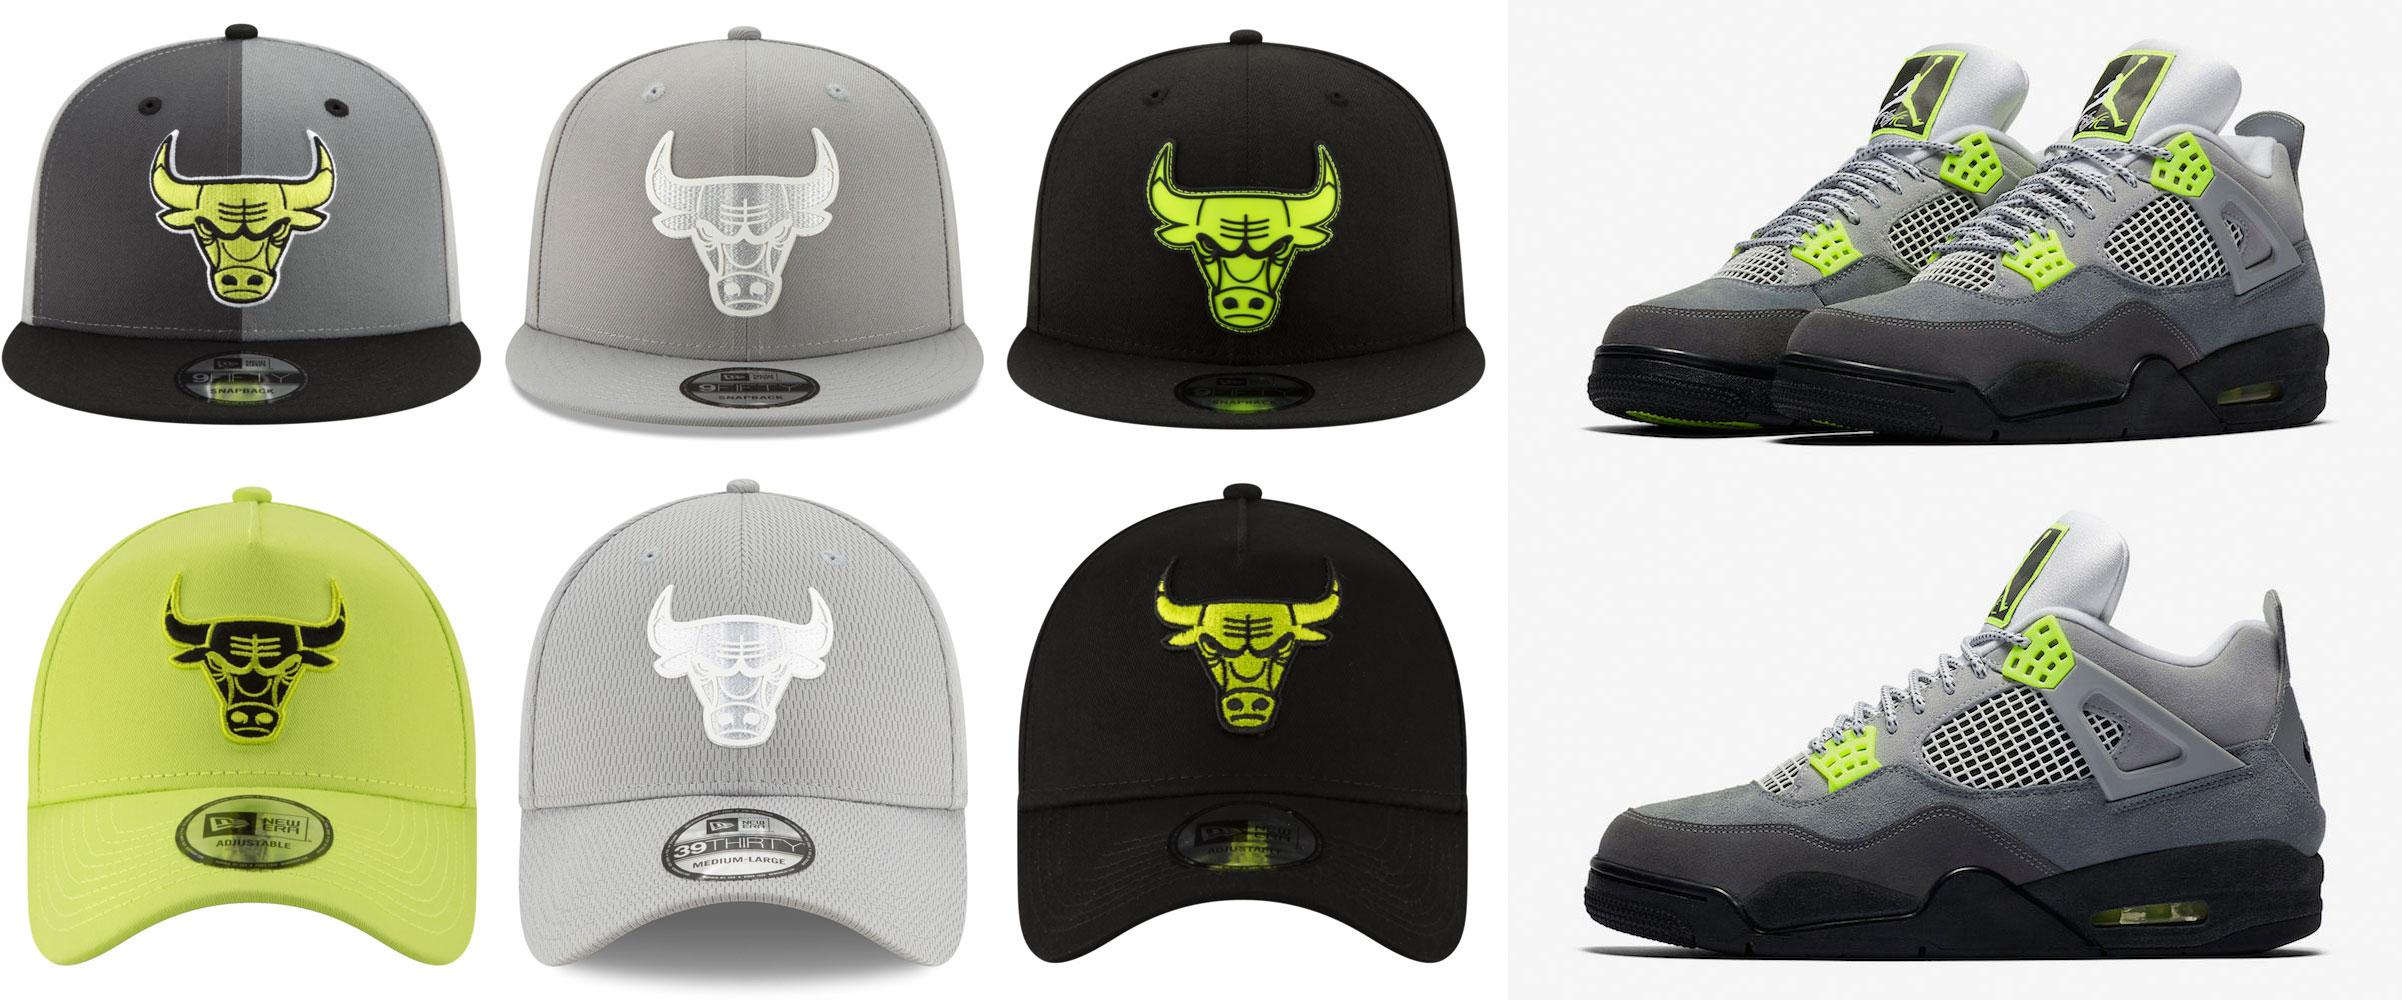 air-jordan-4-neon-bulls-hats